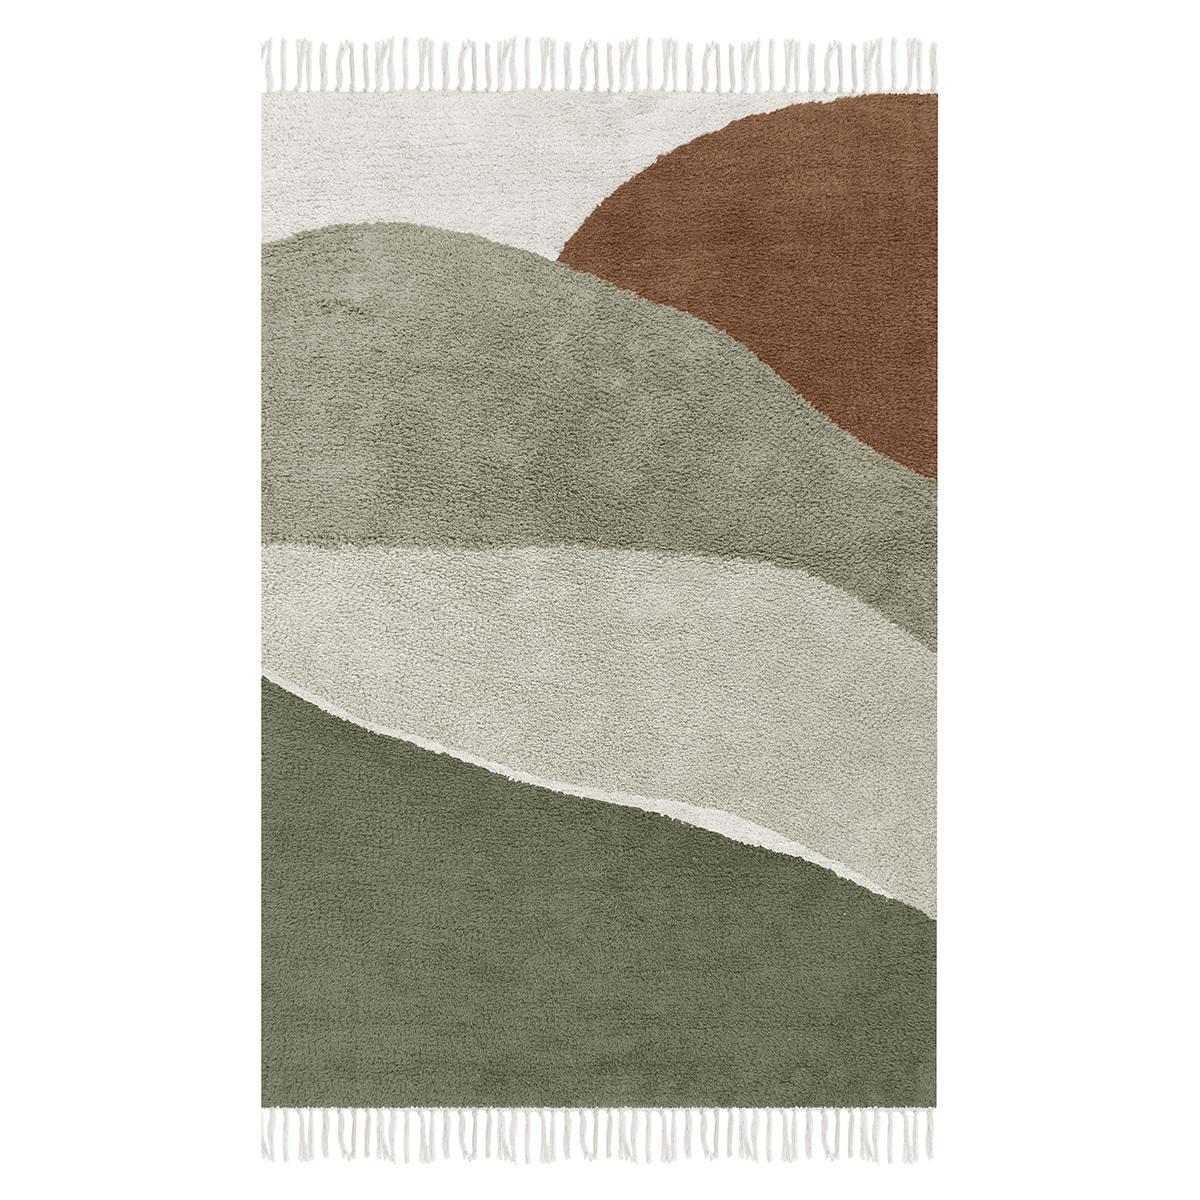 Tapis Tapis Horizon Olive - 90 x 130 cm Tapis Horizon Olive - 90 x 130 cm